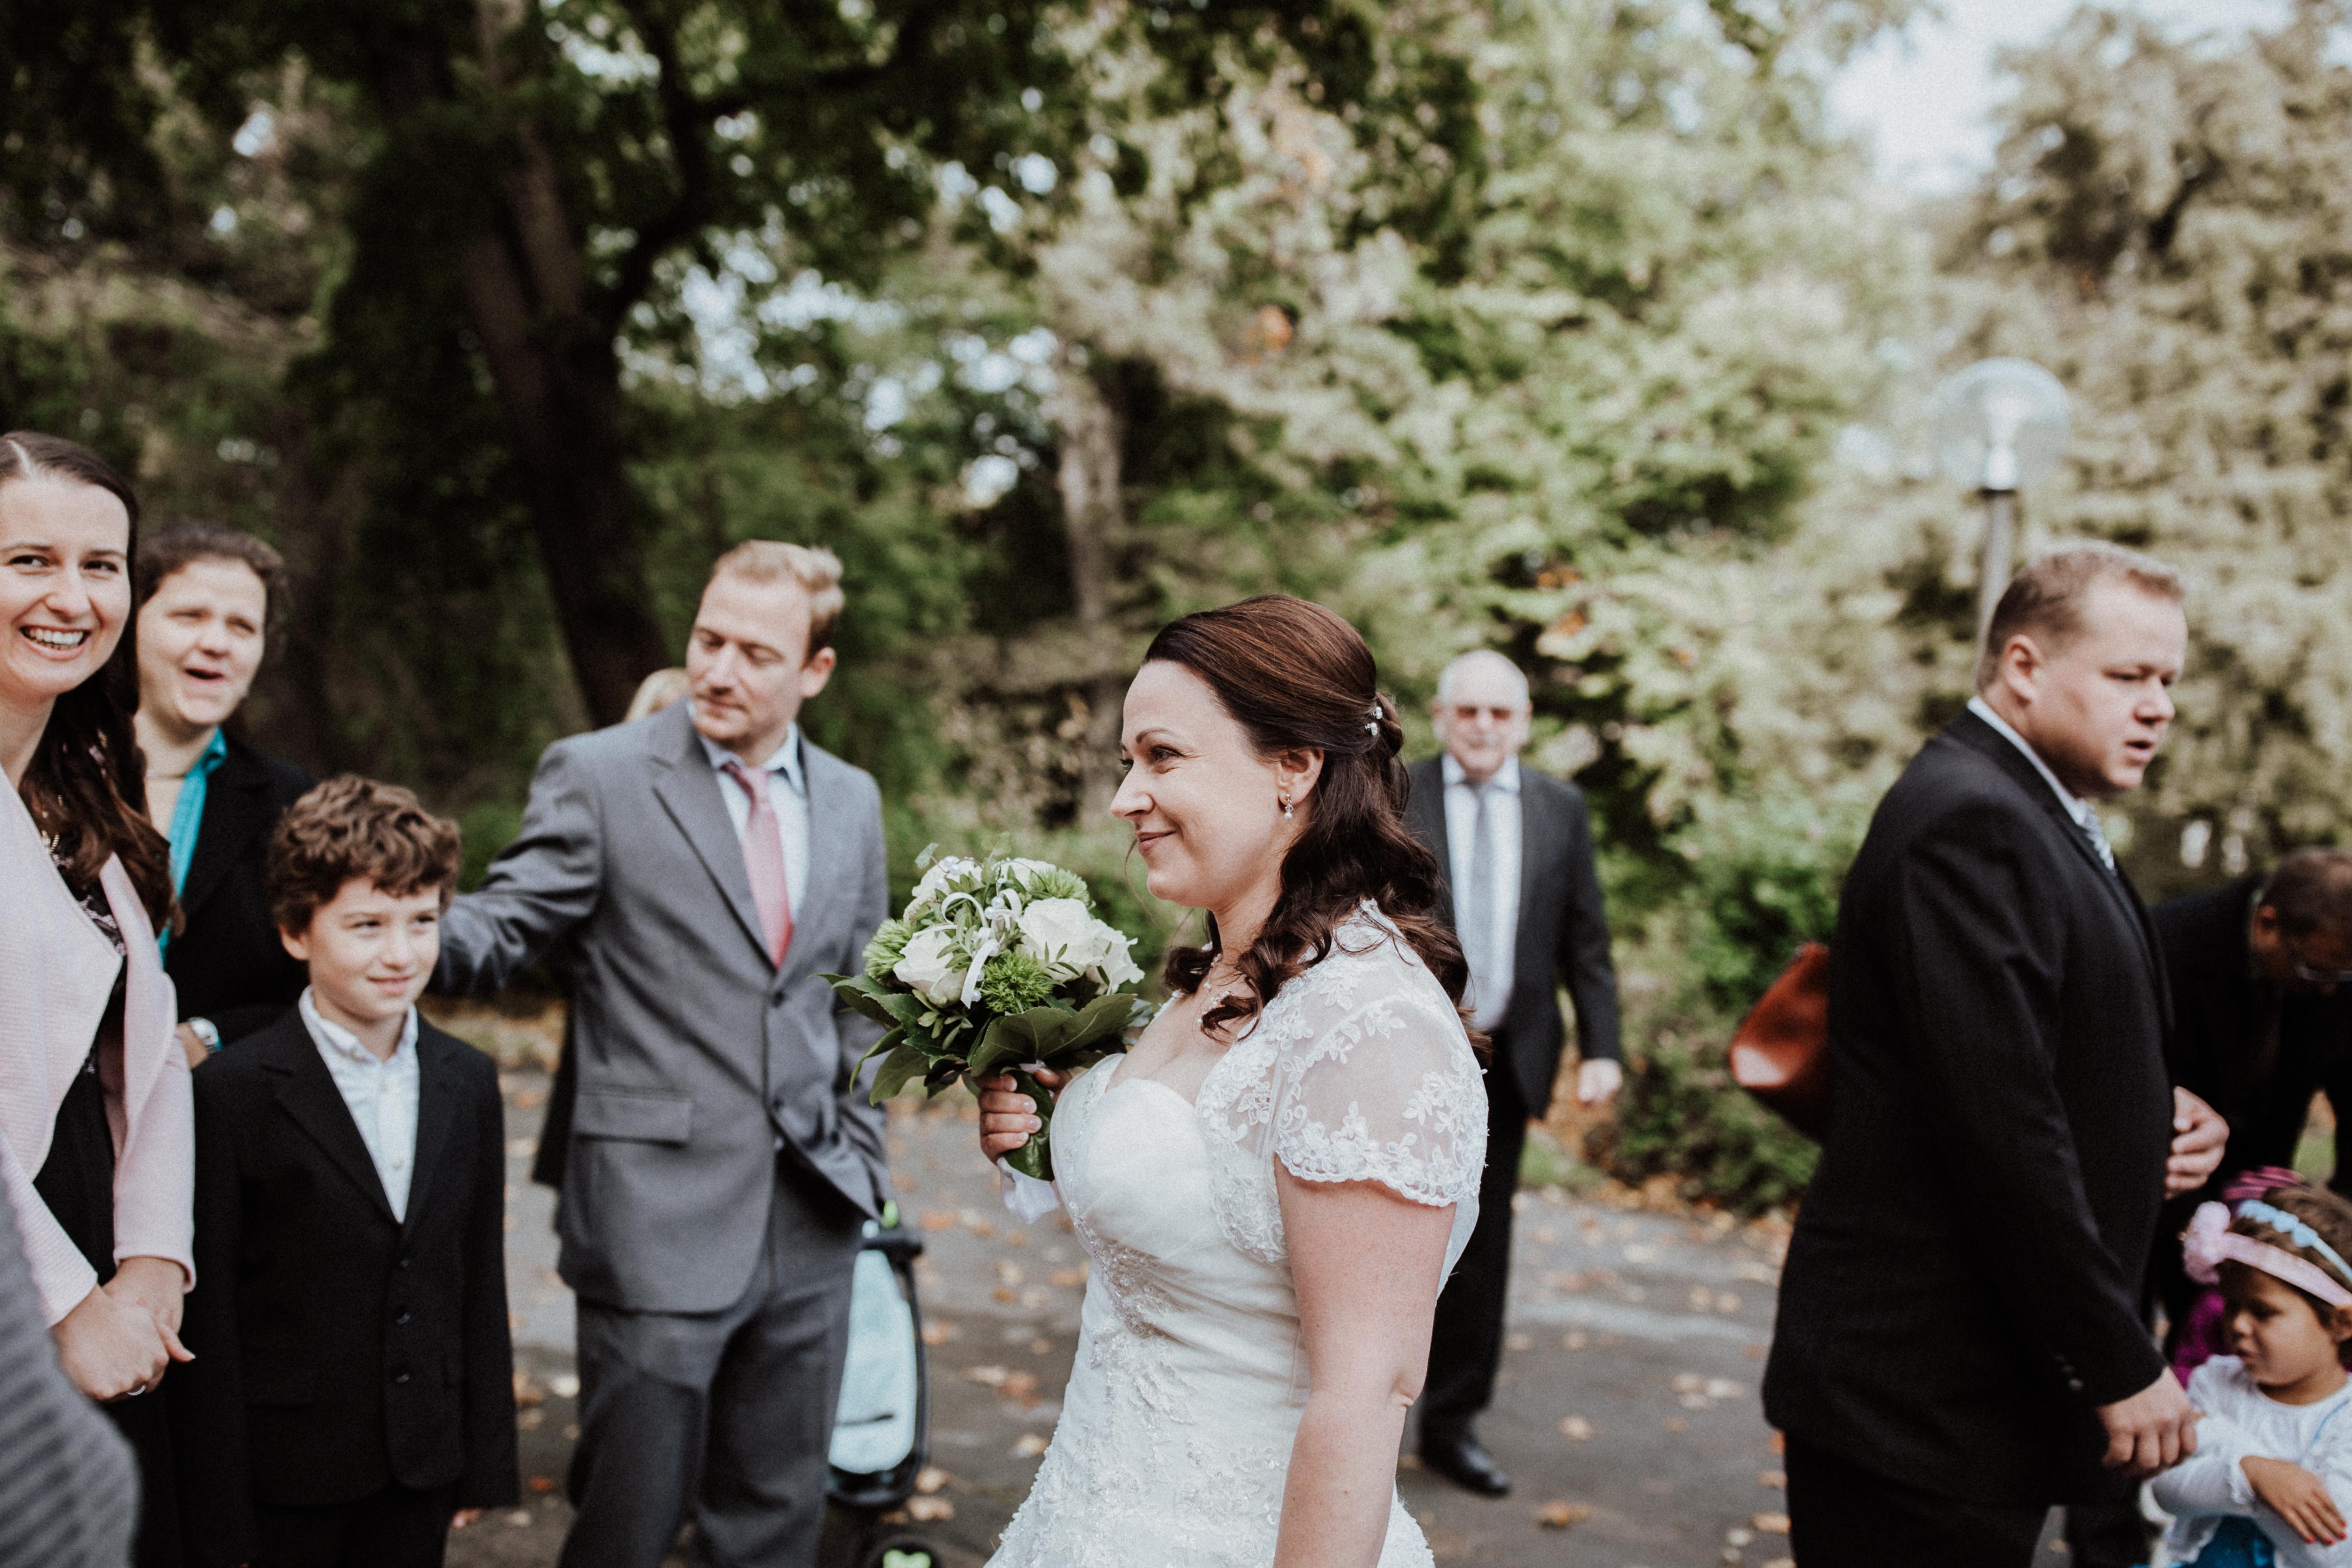 URBANERIE_Daniela_Goth_Hochzeitsfotografin_Nürnberg_Fürth_Erlangen_Schwabach_171007_0139